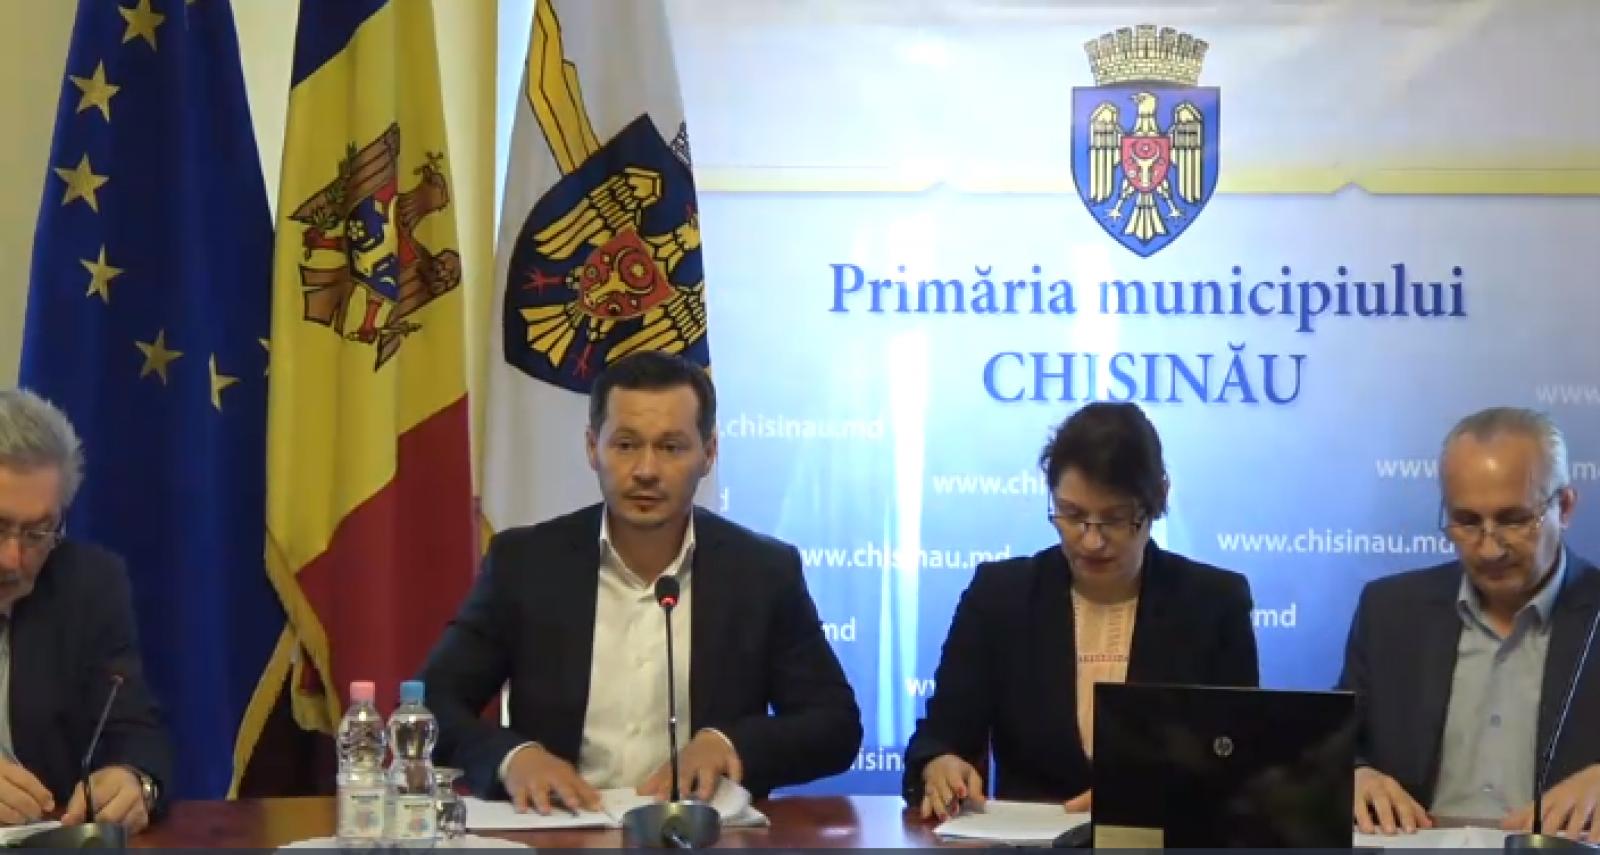 (video) Ședința săptămânală a serviciilor primăriei Chișinău din 21 mai 2018